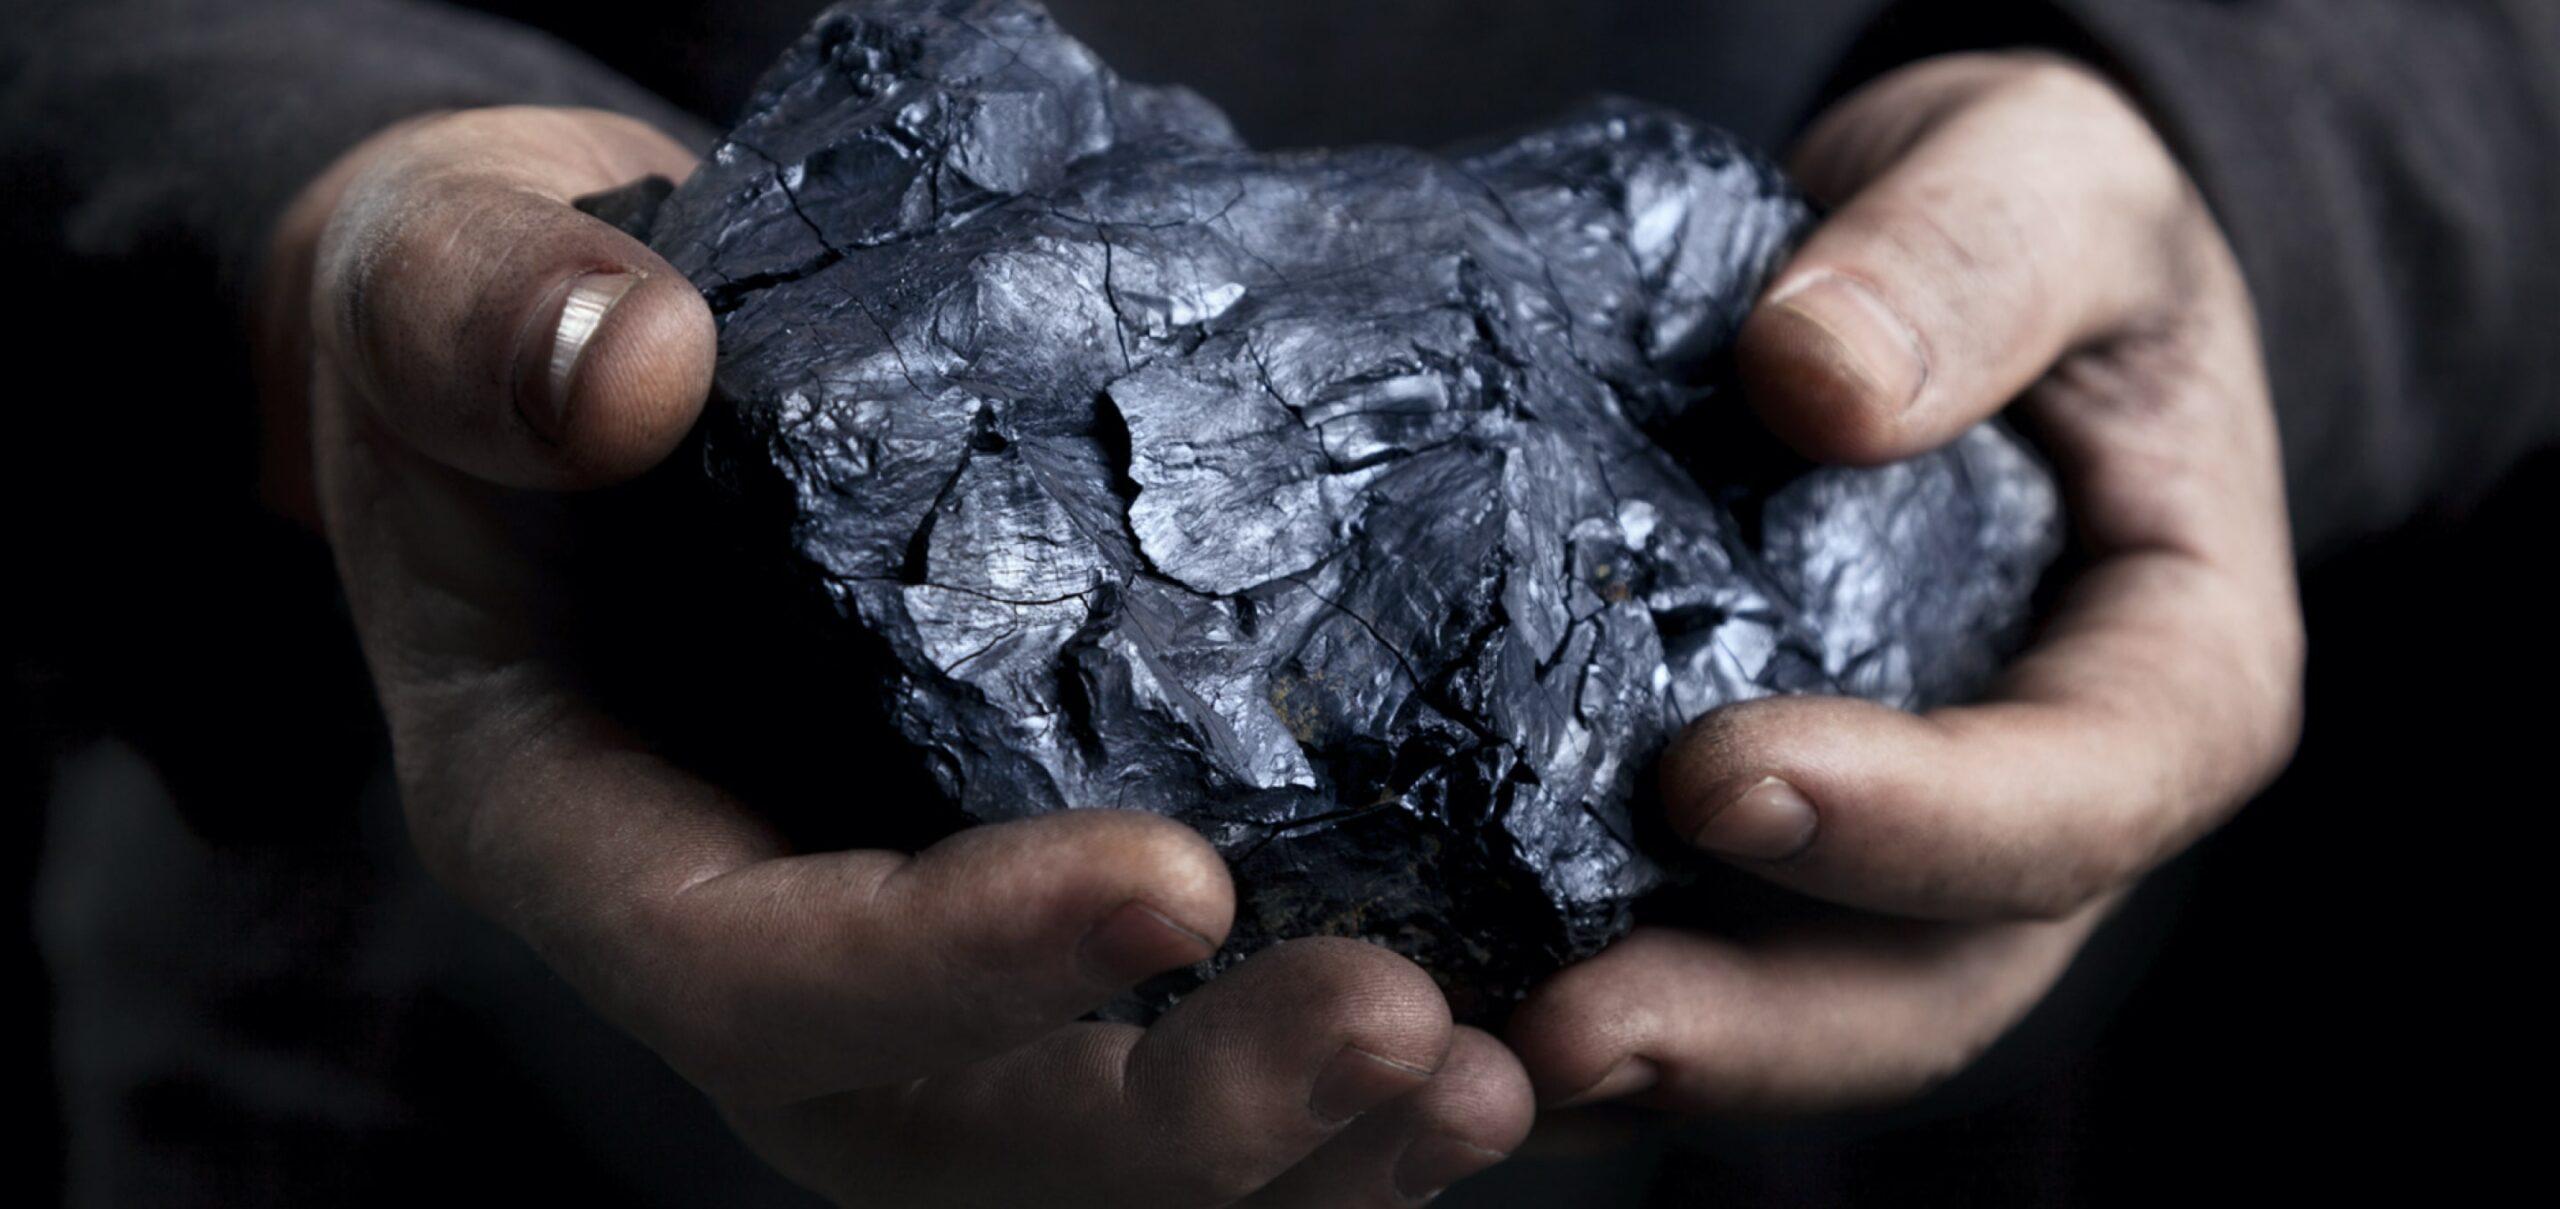 Cập nhật giá than đá hiện nay trong khu vực và trên thế giới